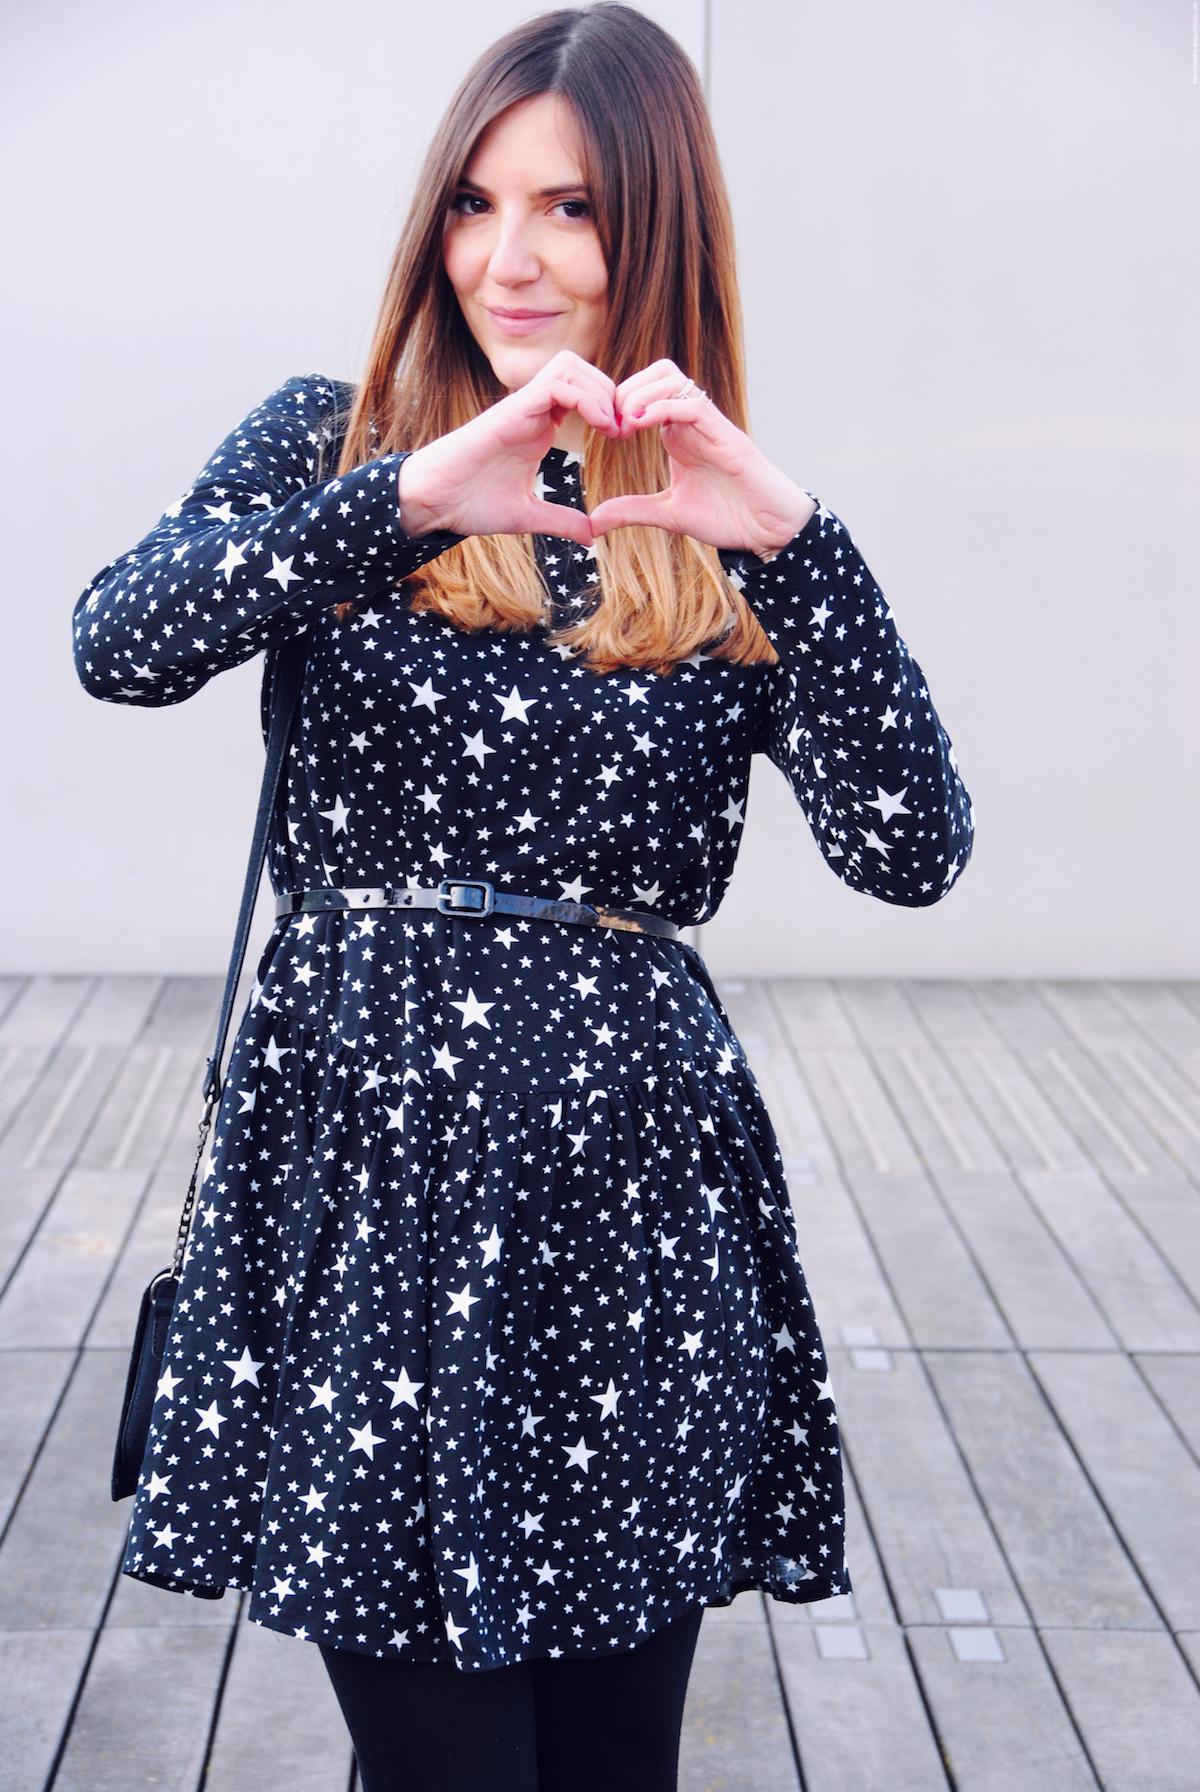 blogueuse mode paris les caprices diris